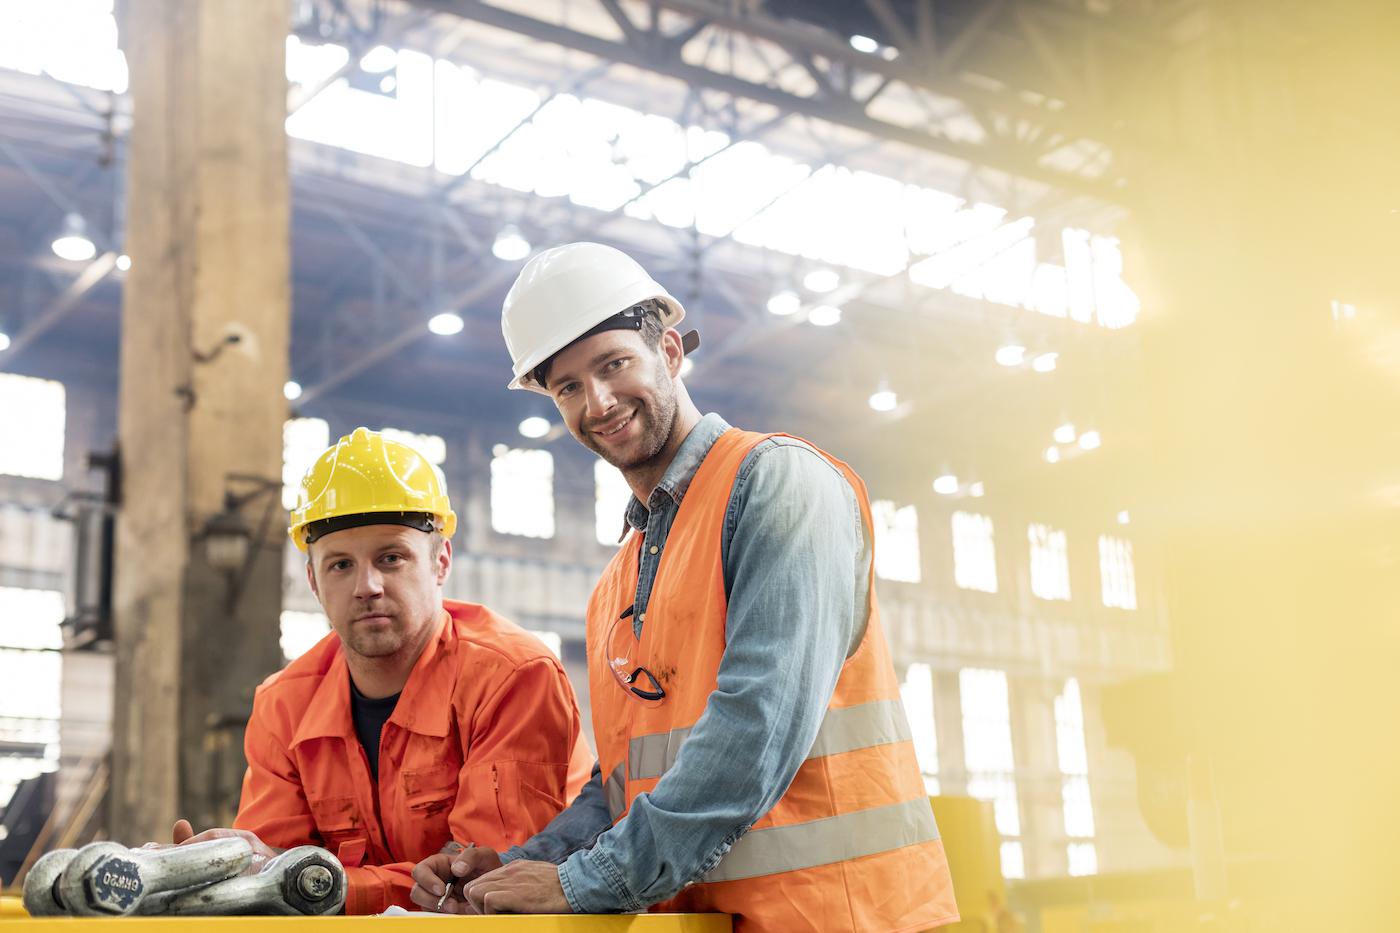 İş Sağlığı ve İş güvenliği bölümü nedir? İş imkanları nelerdir?